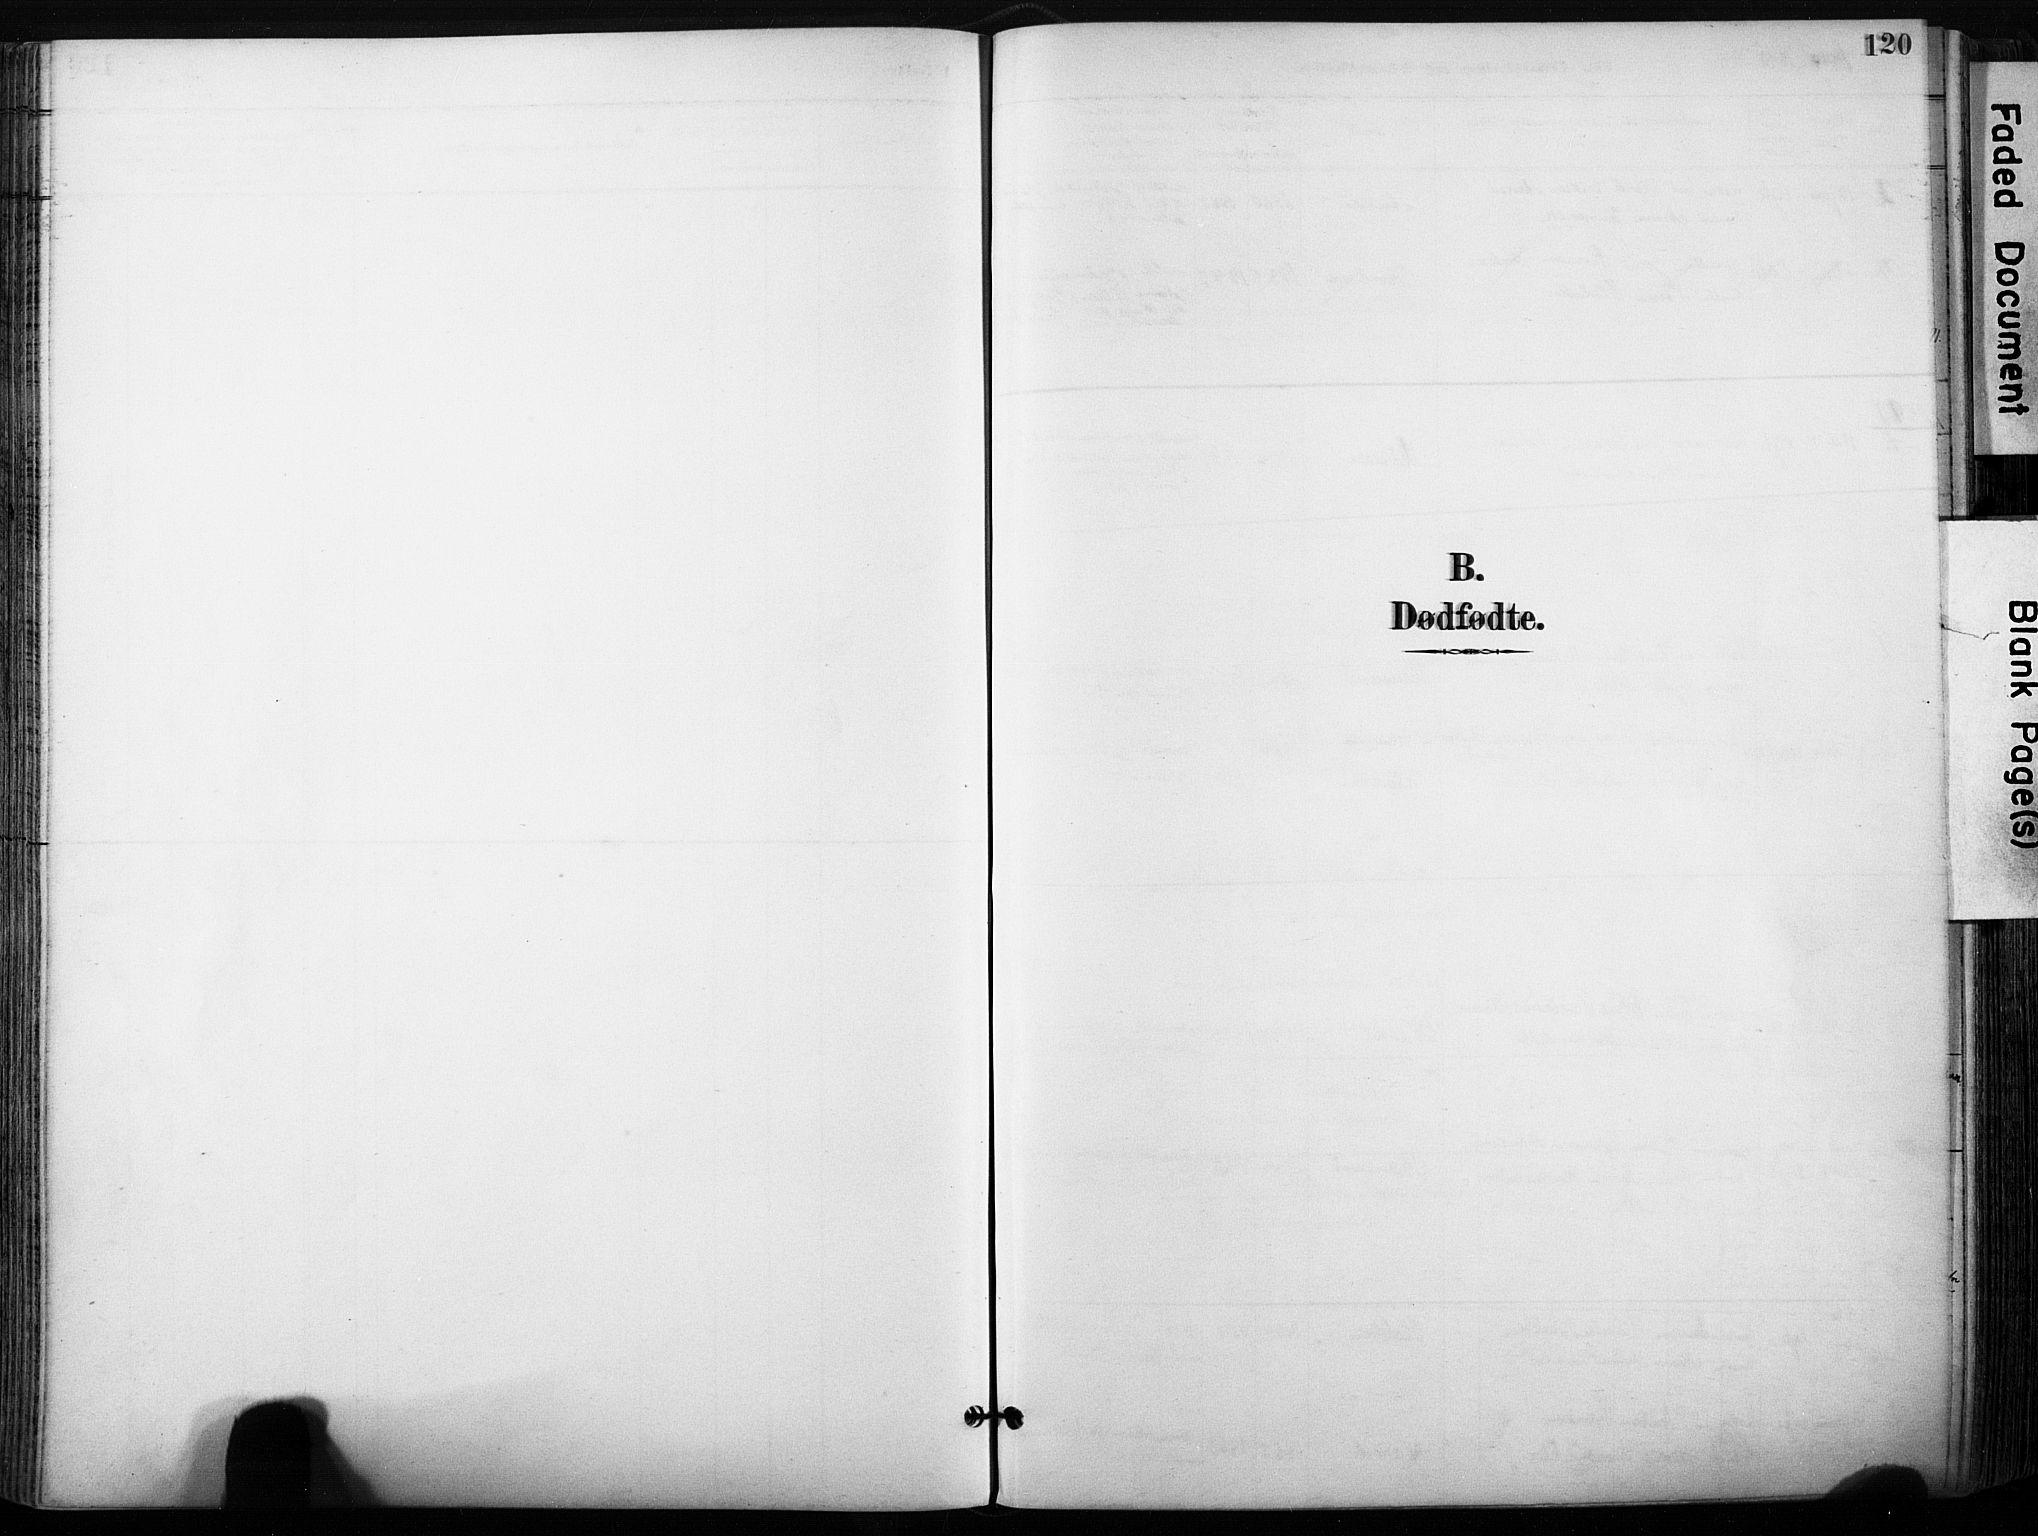 SAT, Ministerialprotokoller, klokkerbøker og fødselsregistre - Sør-Trøndelag, 640/L0579: Ministerialbok nr. 640A04, 1889-1902, s. 120